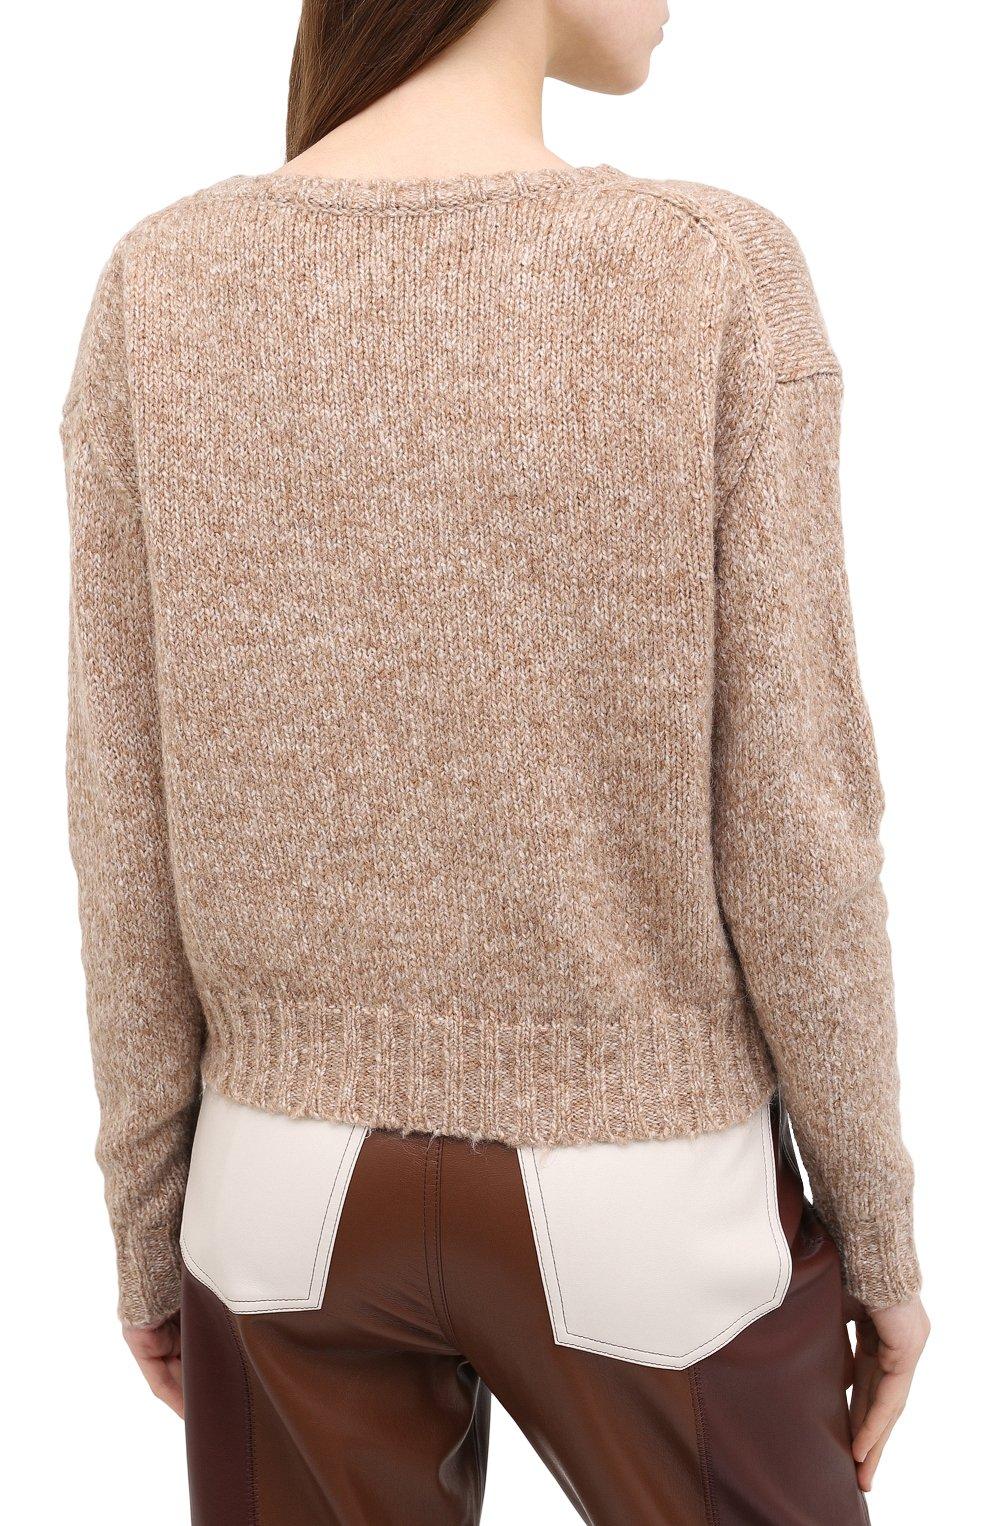 Женский свитер ALLUDE коричневого цвета, арт. 205/62003 | Фото 4 (Женское Кросс-КТ: Свитер-одежда; Рукава: Длинные; Материал внешний: Синтетический материал; Длина (для топов): Стандартные)